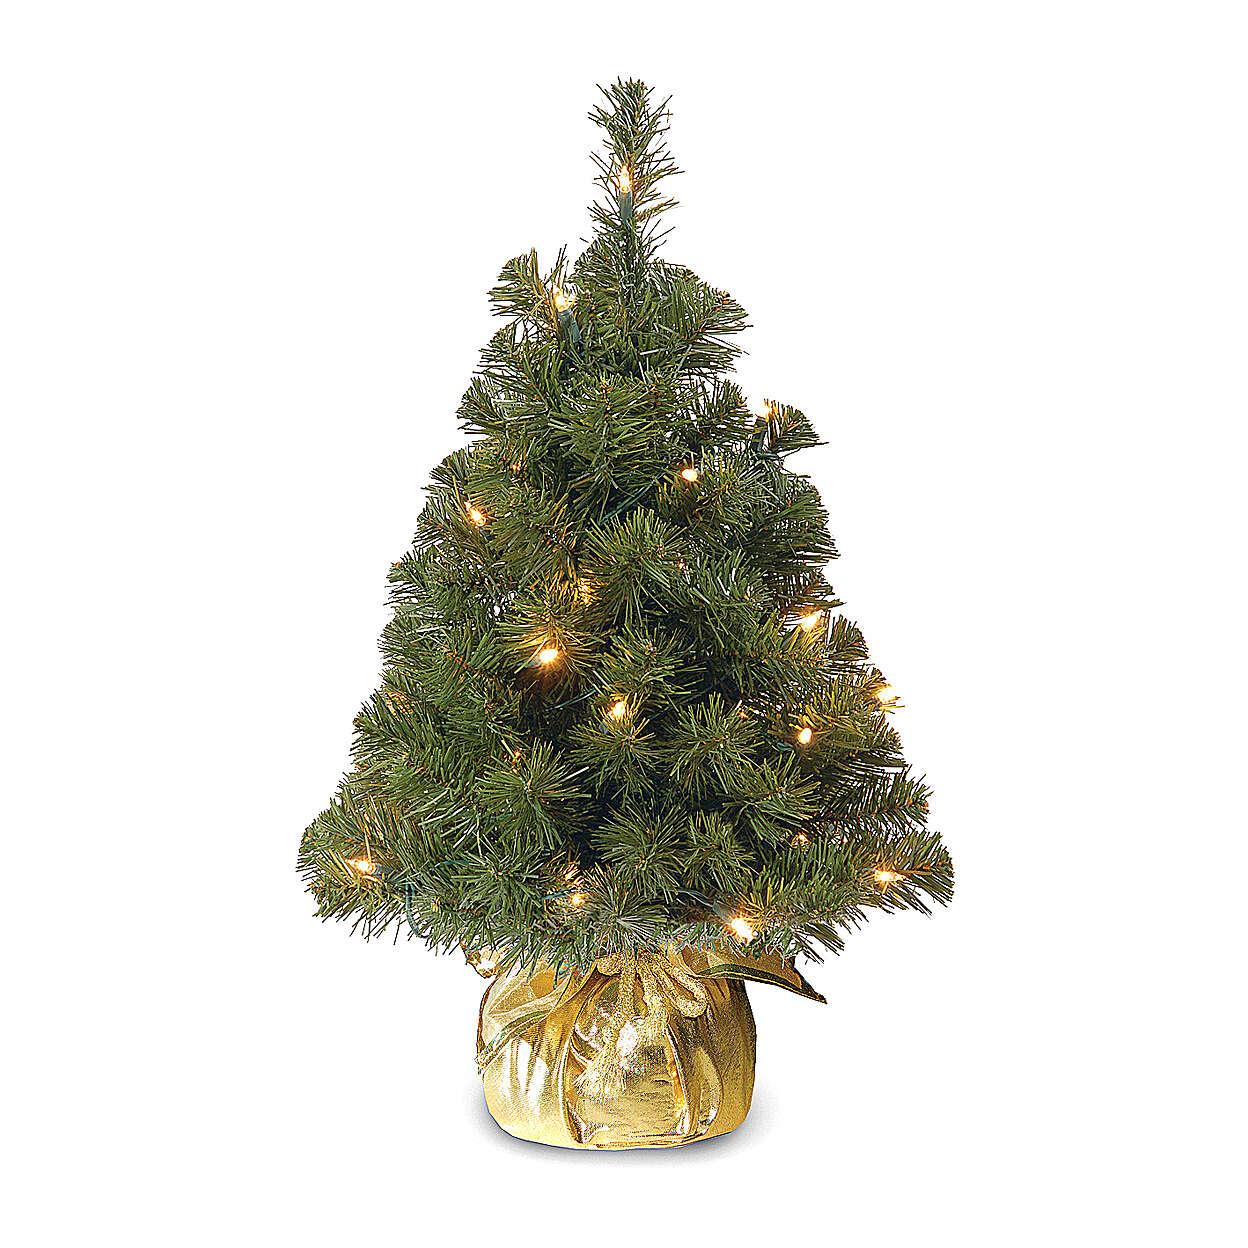 Árvore de Natal 90 cm com 25 lâmpadas LED e base dourada, modelo Noble Spruce Tree Slim 3